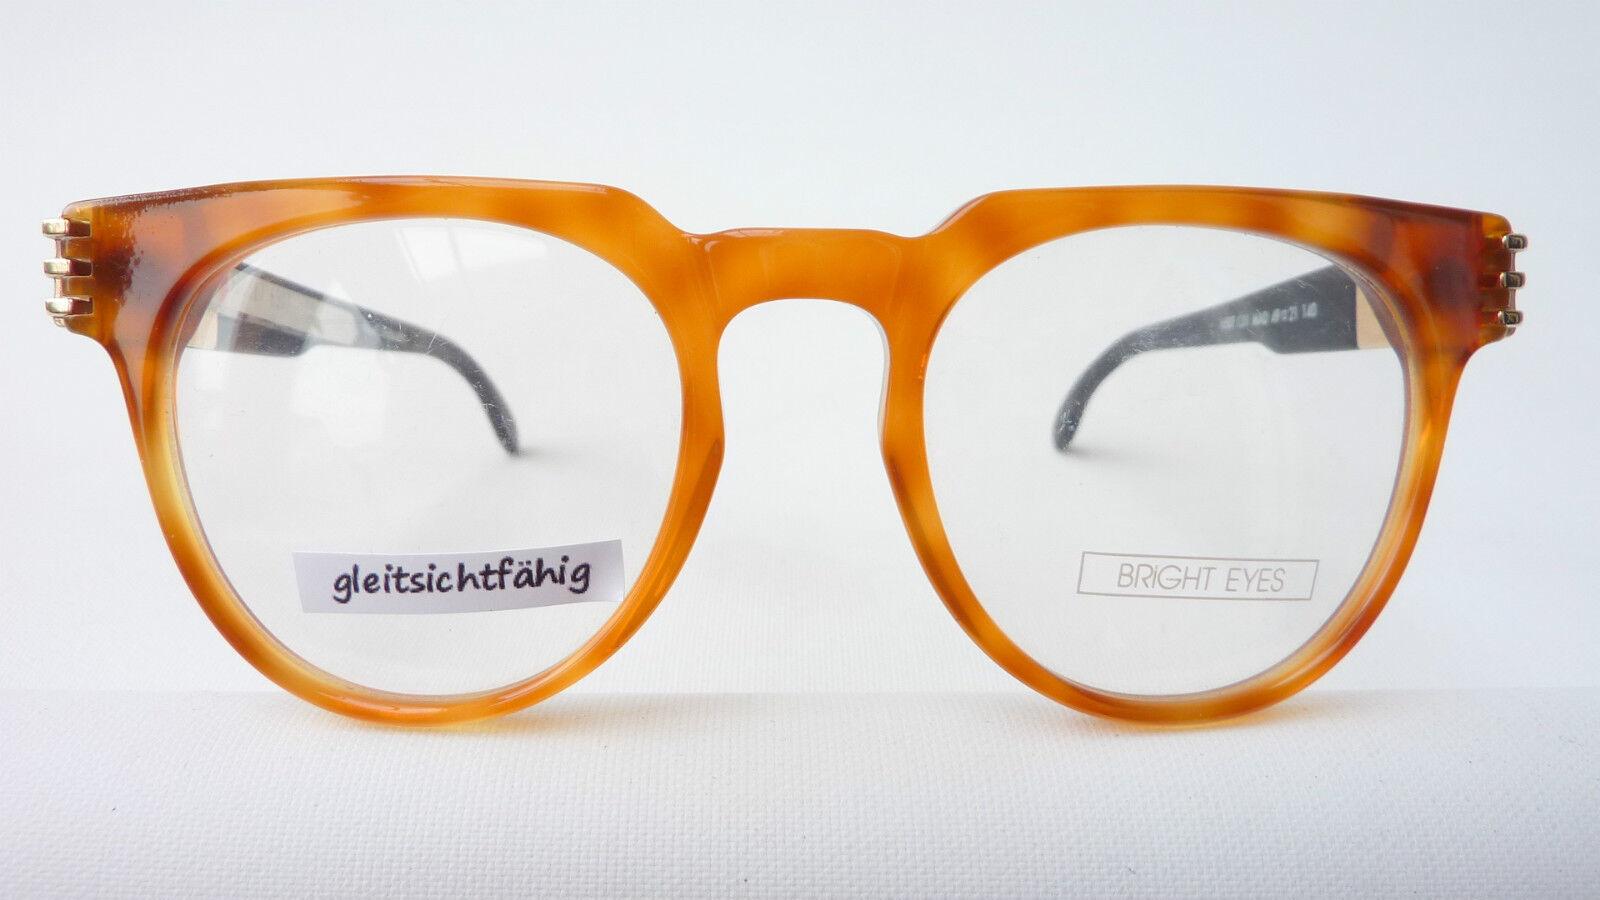 Schrille Bright eyes Brille Fassung auffallendes Design braun braun braun schwarz Grösse M | Modern Und Elegant  d0b99b